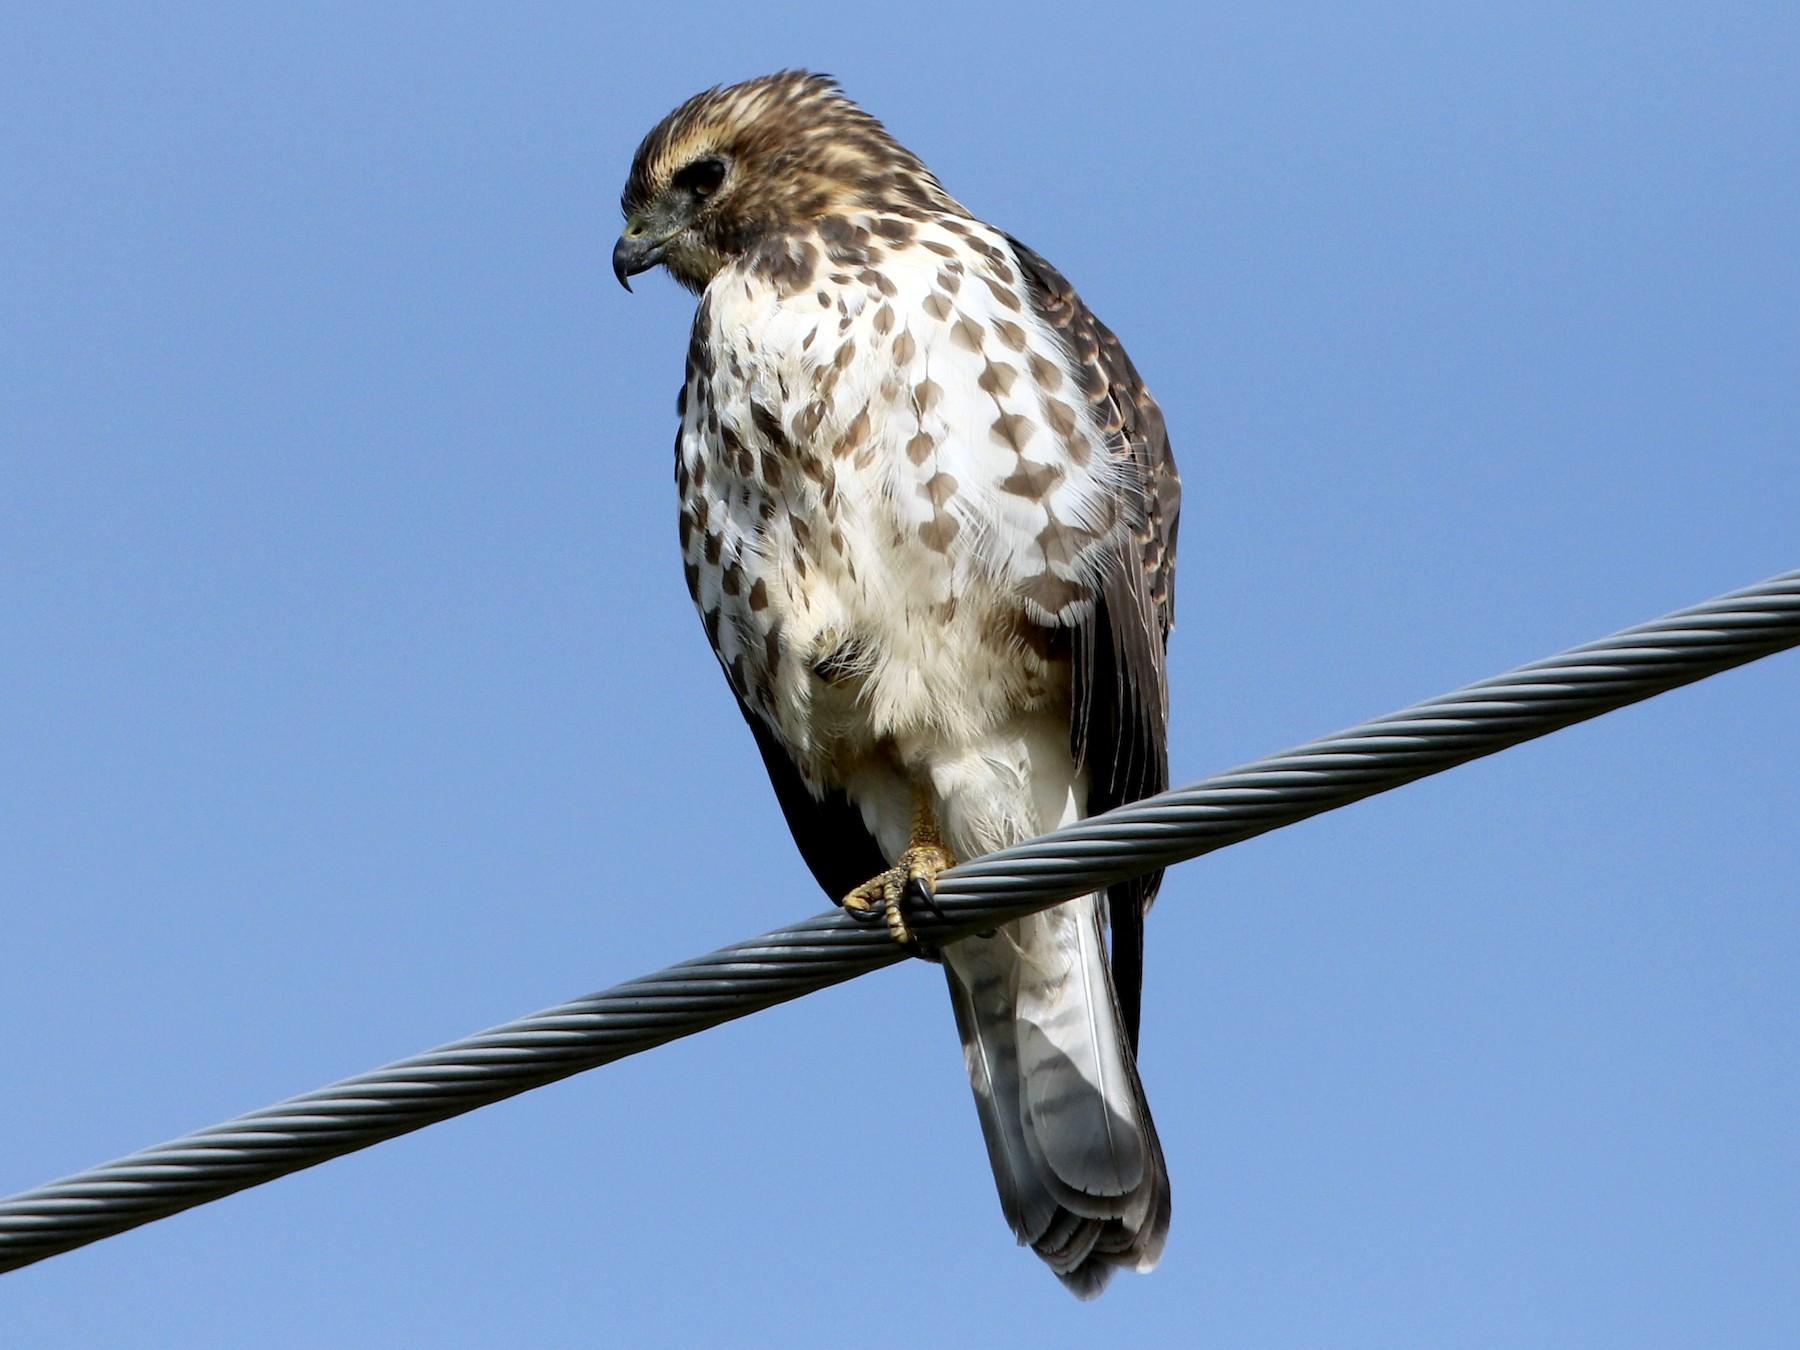 Broad-winged Hawk - Jay McGowan